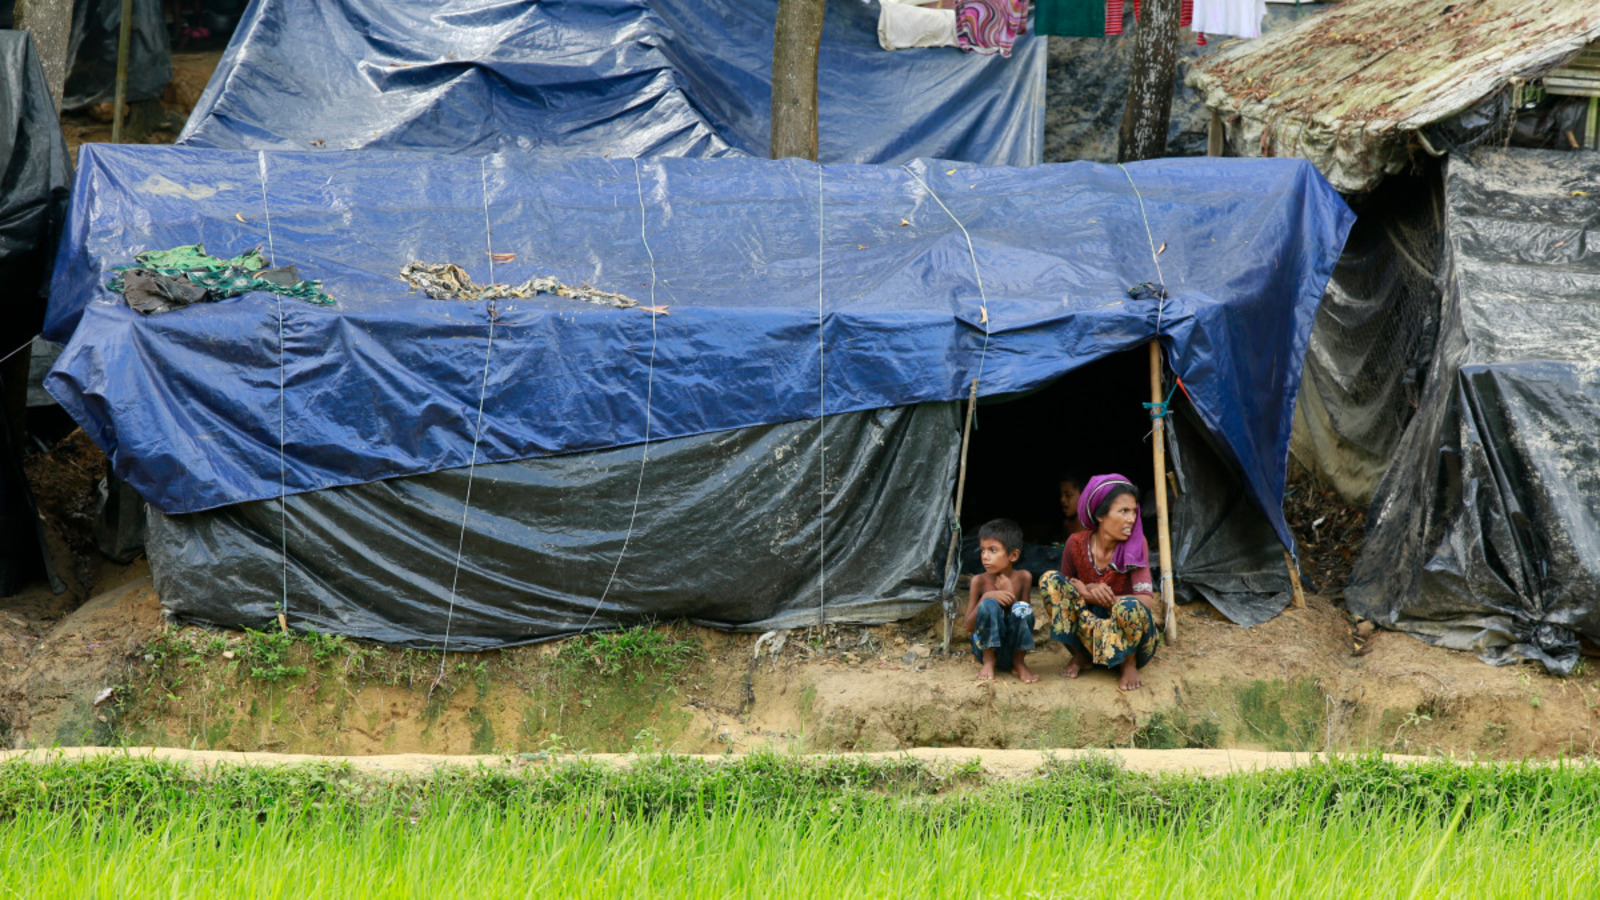 Crise des réfugiés Rohingyas. Handicap International intervient auprès des plus vulnérables dans tout le district de Cox Bazar, frontalier du Myanmar, dans la ville de Cox Bazar et son hôpital, ainsi que dans les deux camps de réfugiés gérés par le HCR où nous avons depuis de nombreuses années deux centres de réadaptation. Depuis fin août, nous intervenons également dans les camps improvisés de réfugiés